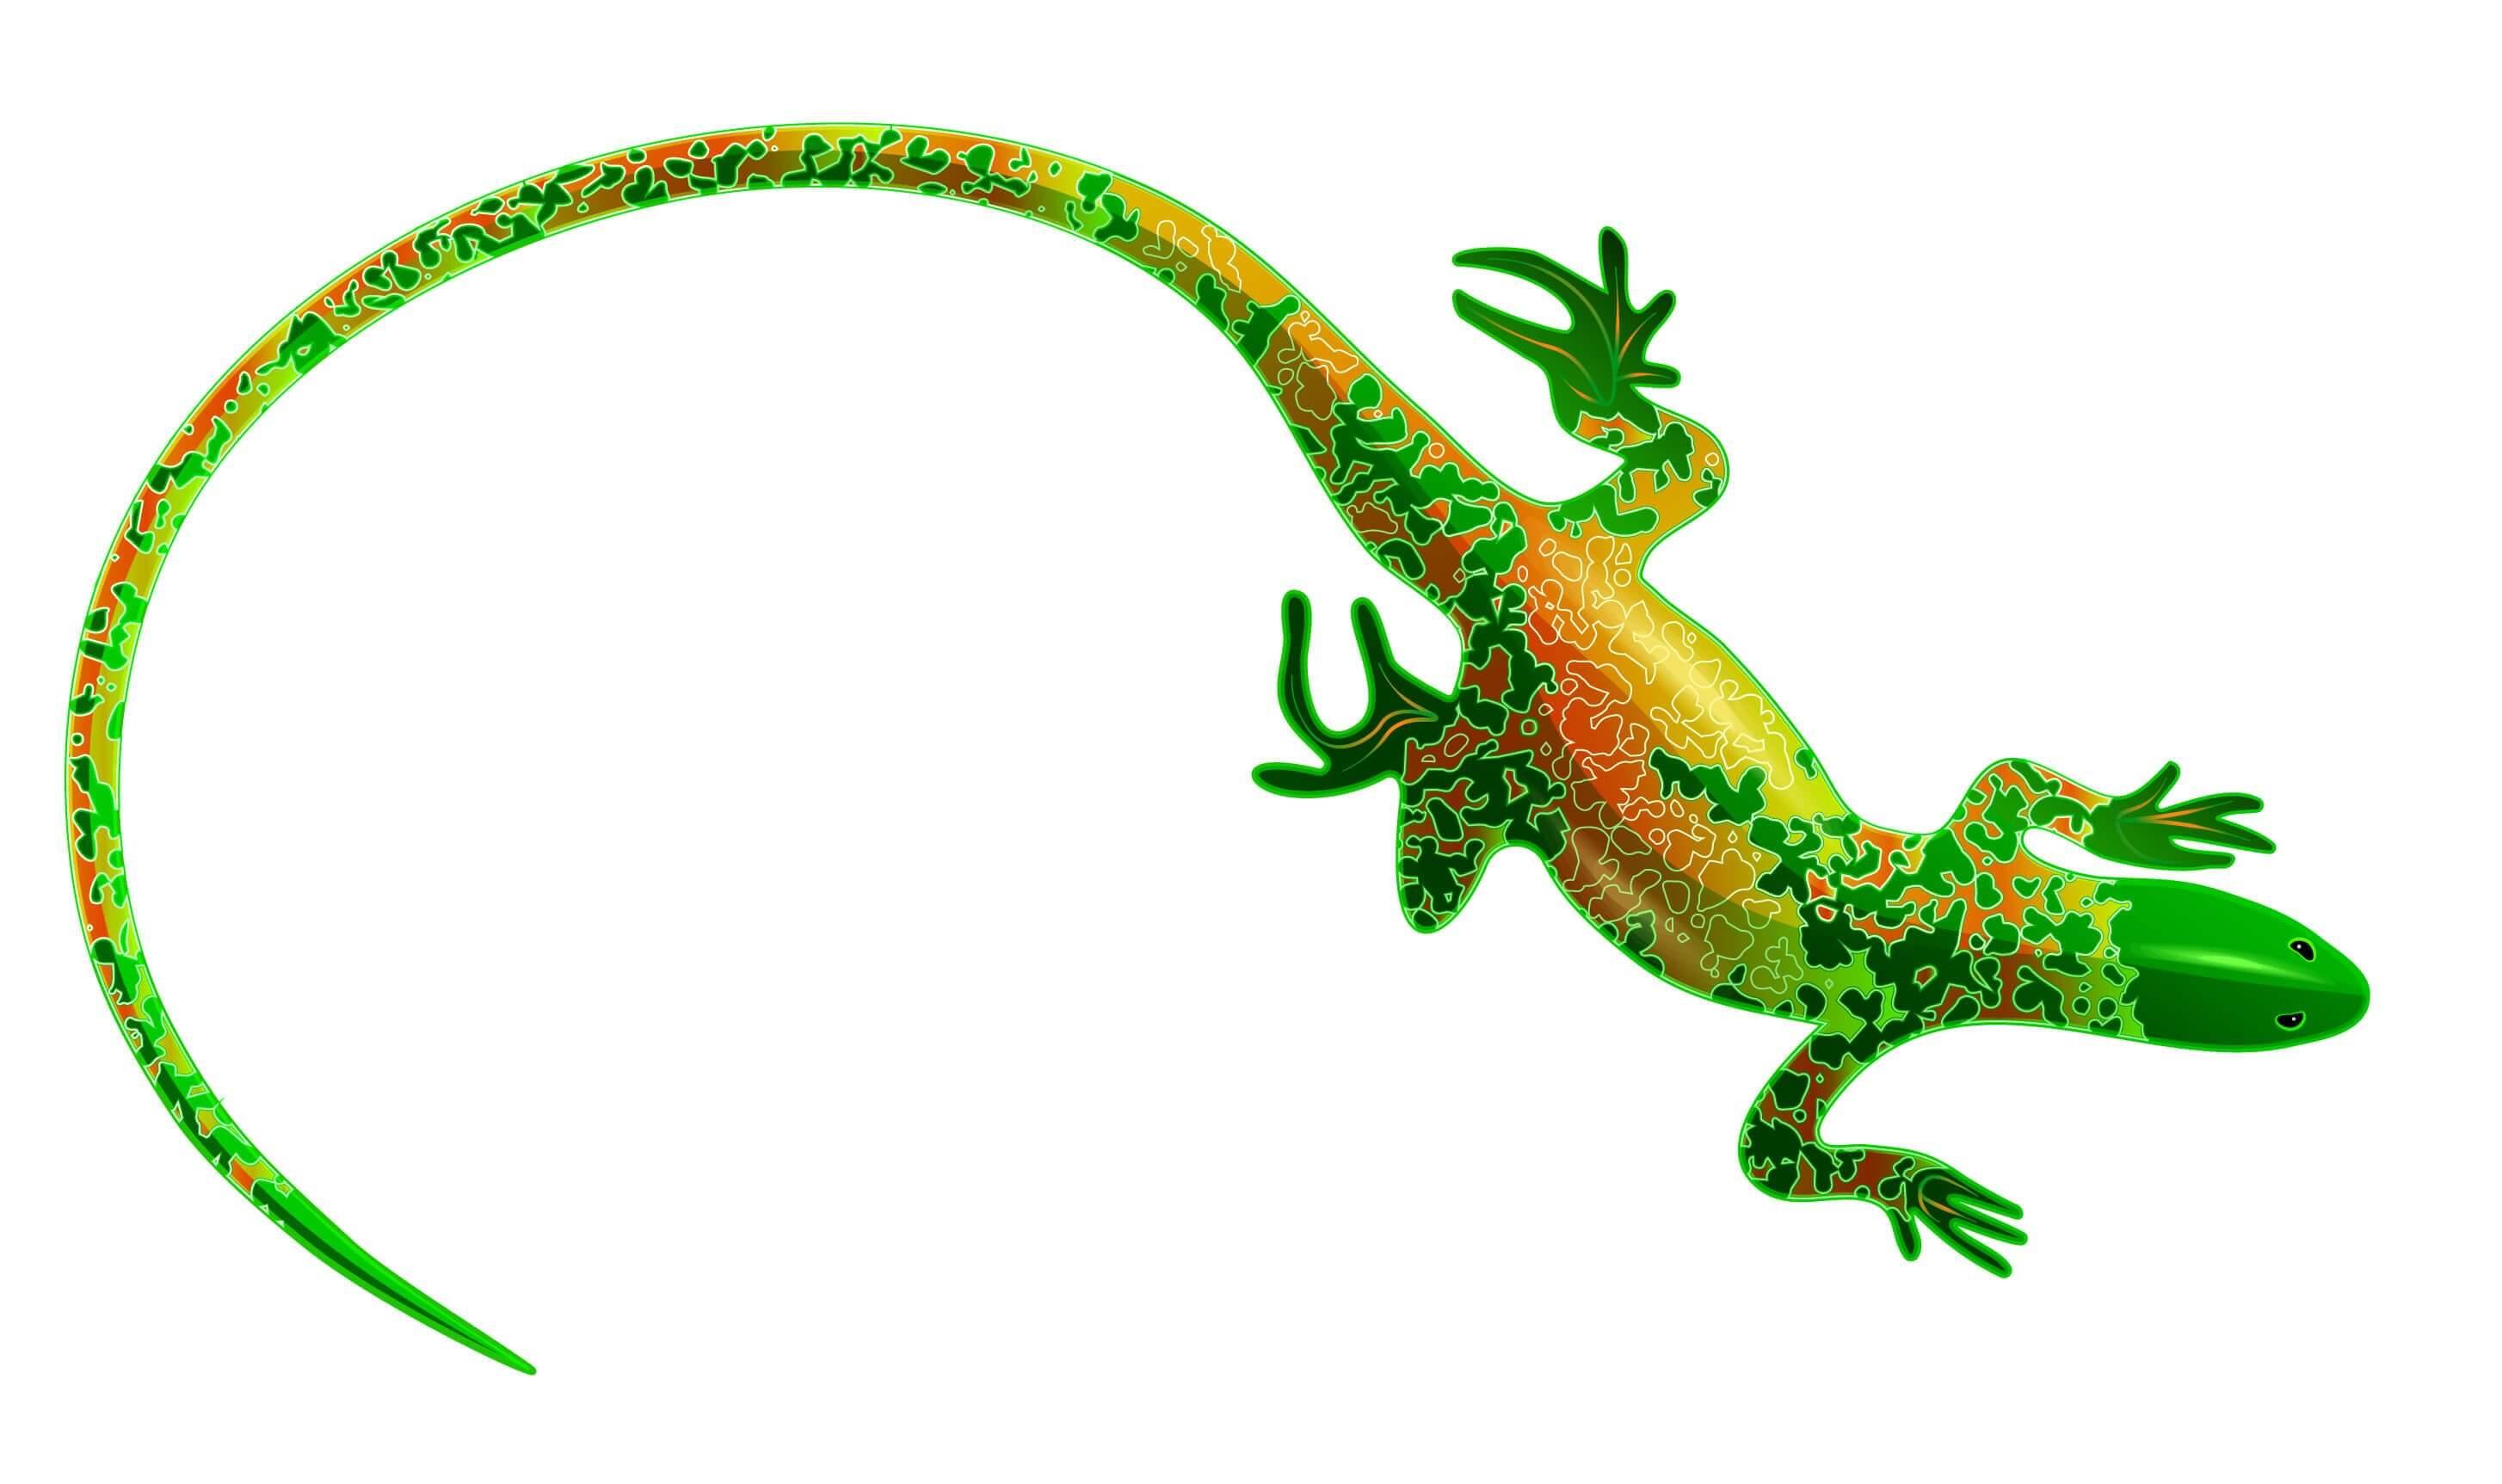 Lagartos e salamandras: semelhanças e diferenças